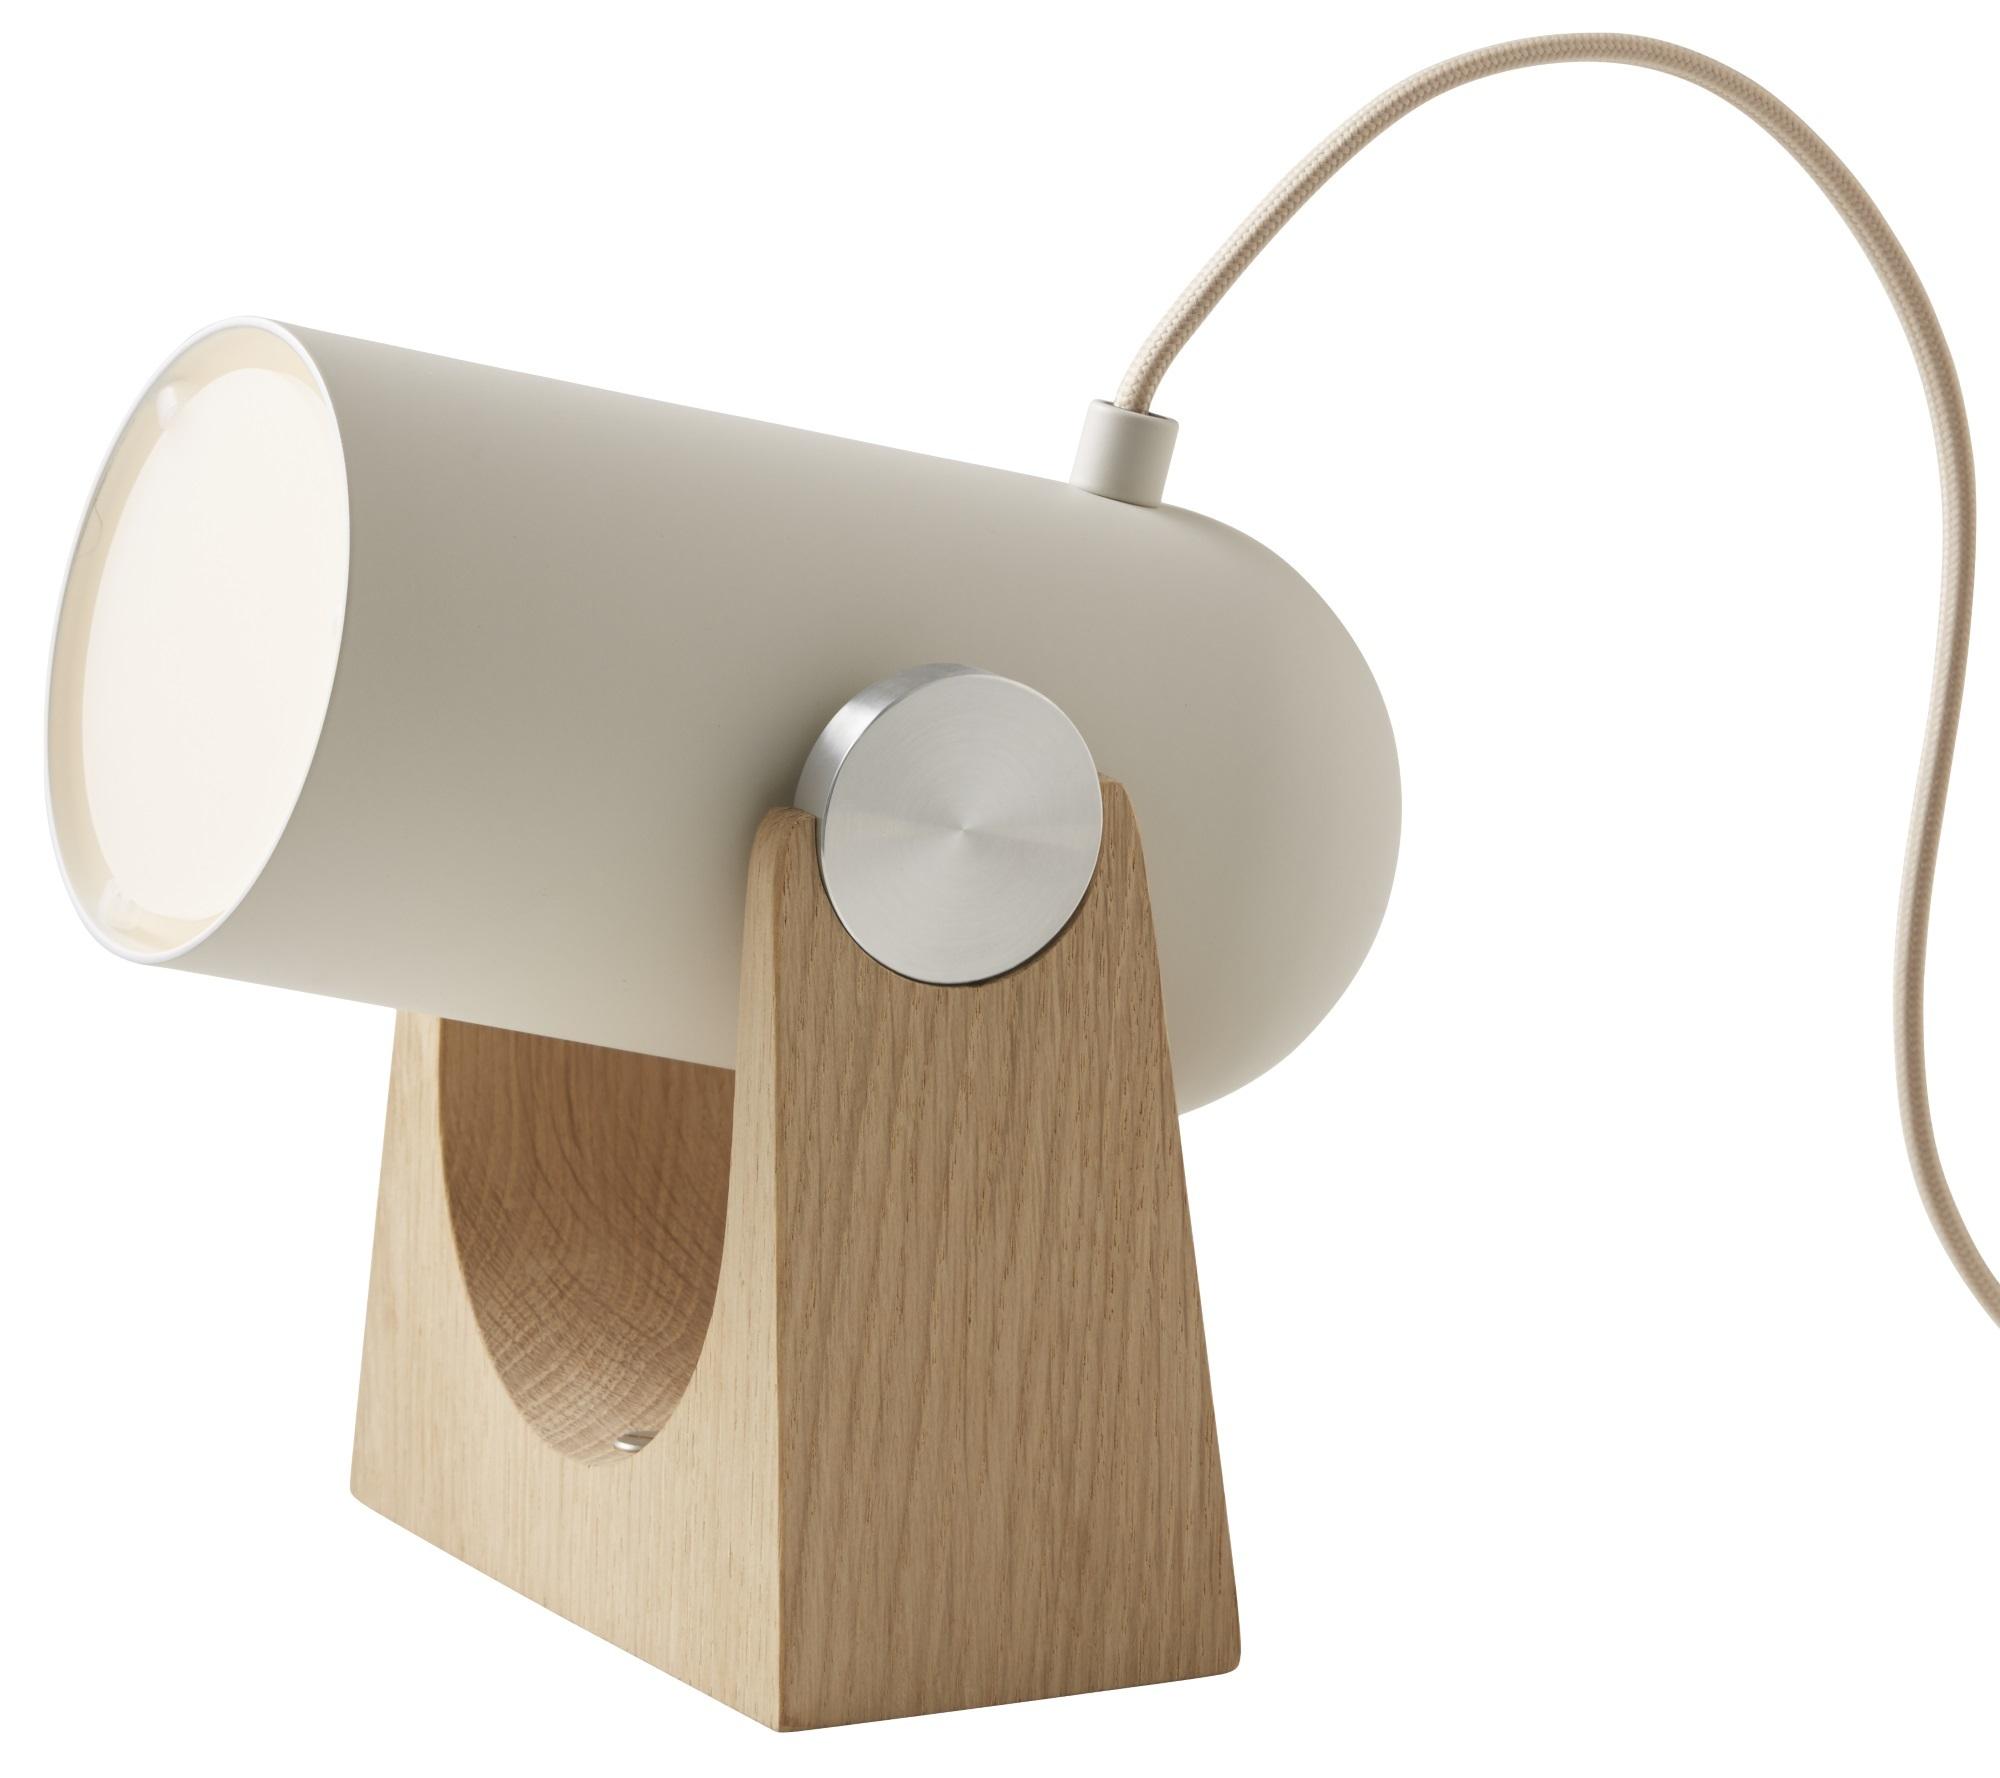 Carronade Tisch- oder Wandleuchte Le Klint-Eiche geseift / sand